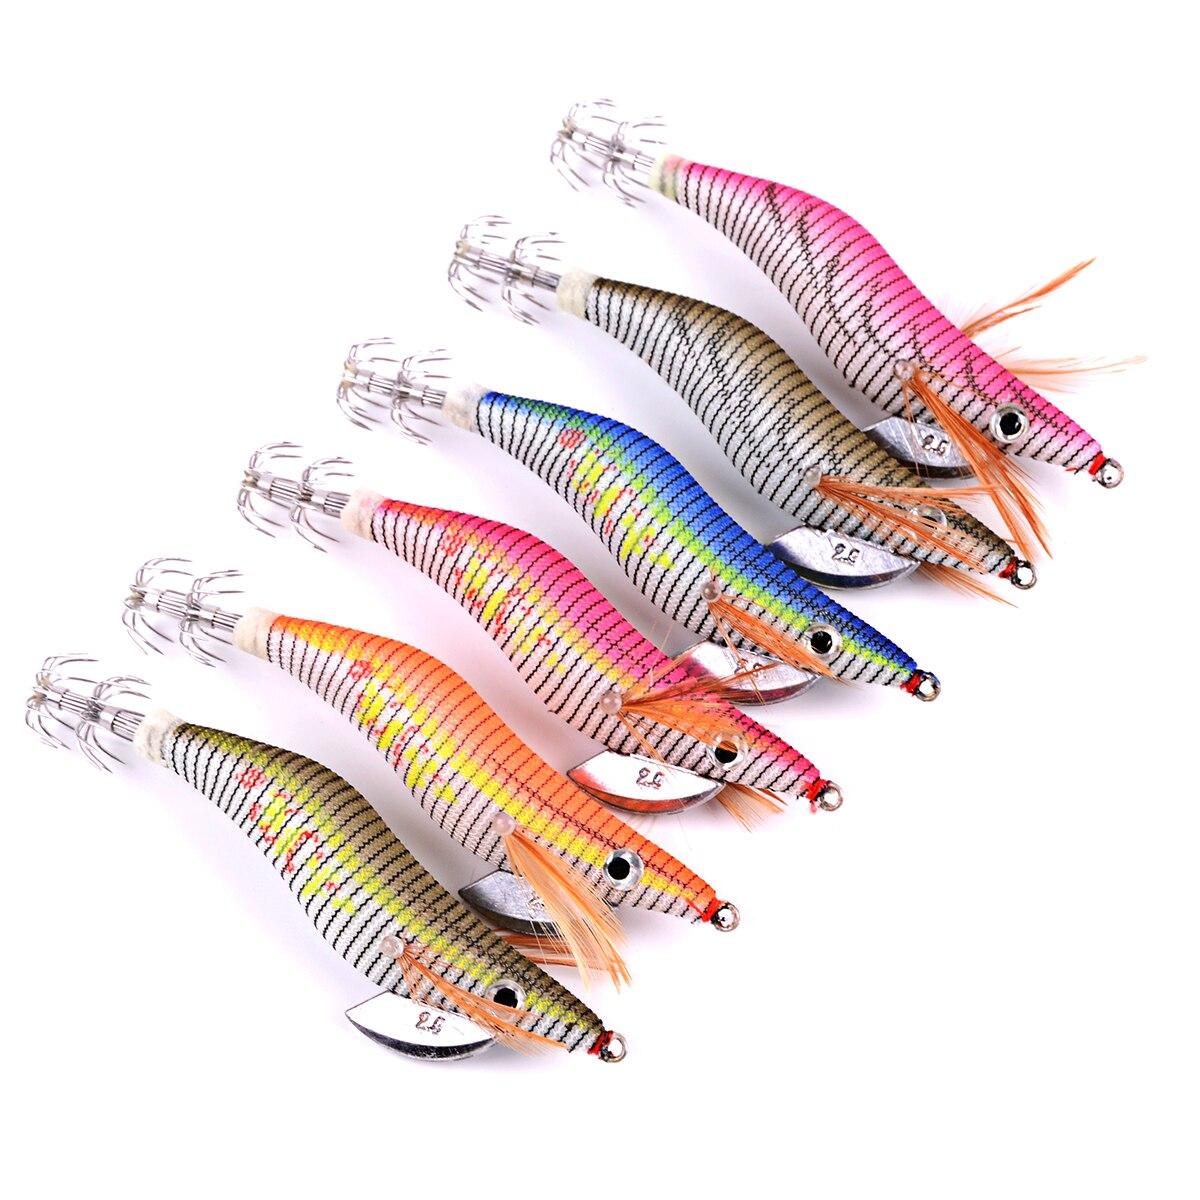 6 шт. Блесен рыбалки приманка экспортируется в США Японии Рынок рыболовные снасти 6 цветов 5,5 г-21,5 г, 8 см-15 см 2,0 #-4,0 # крючки ...